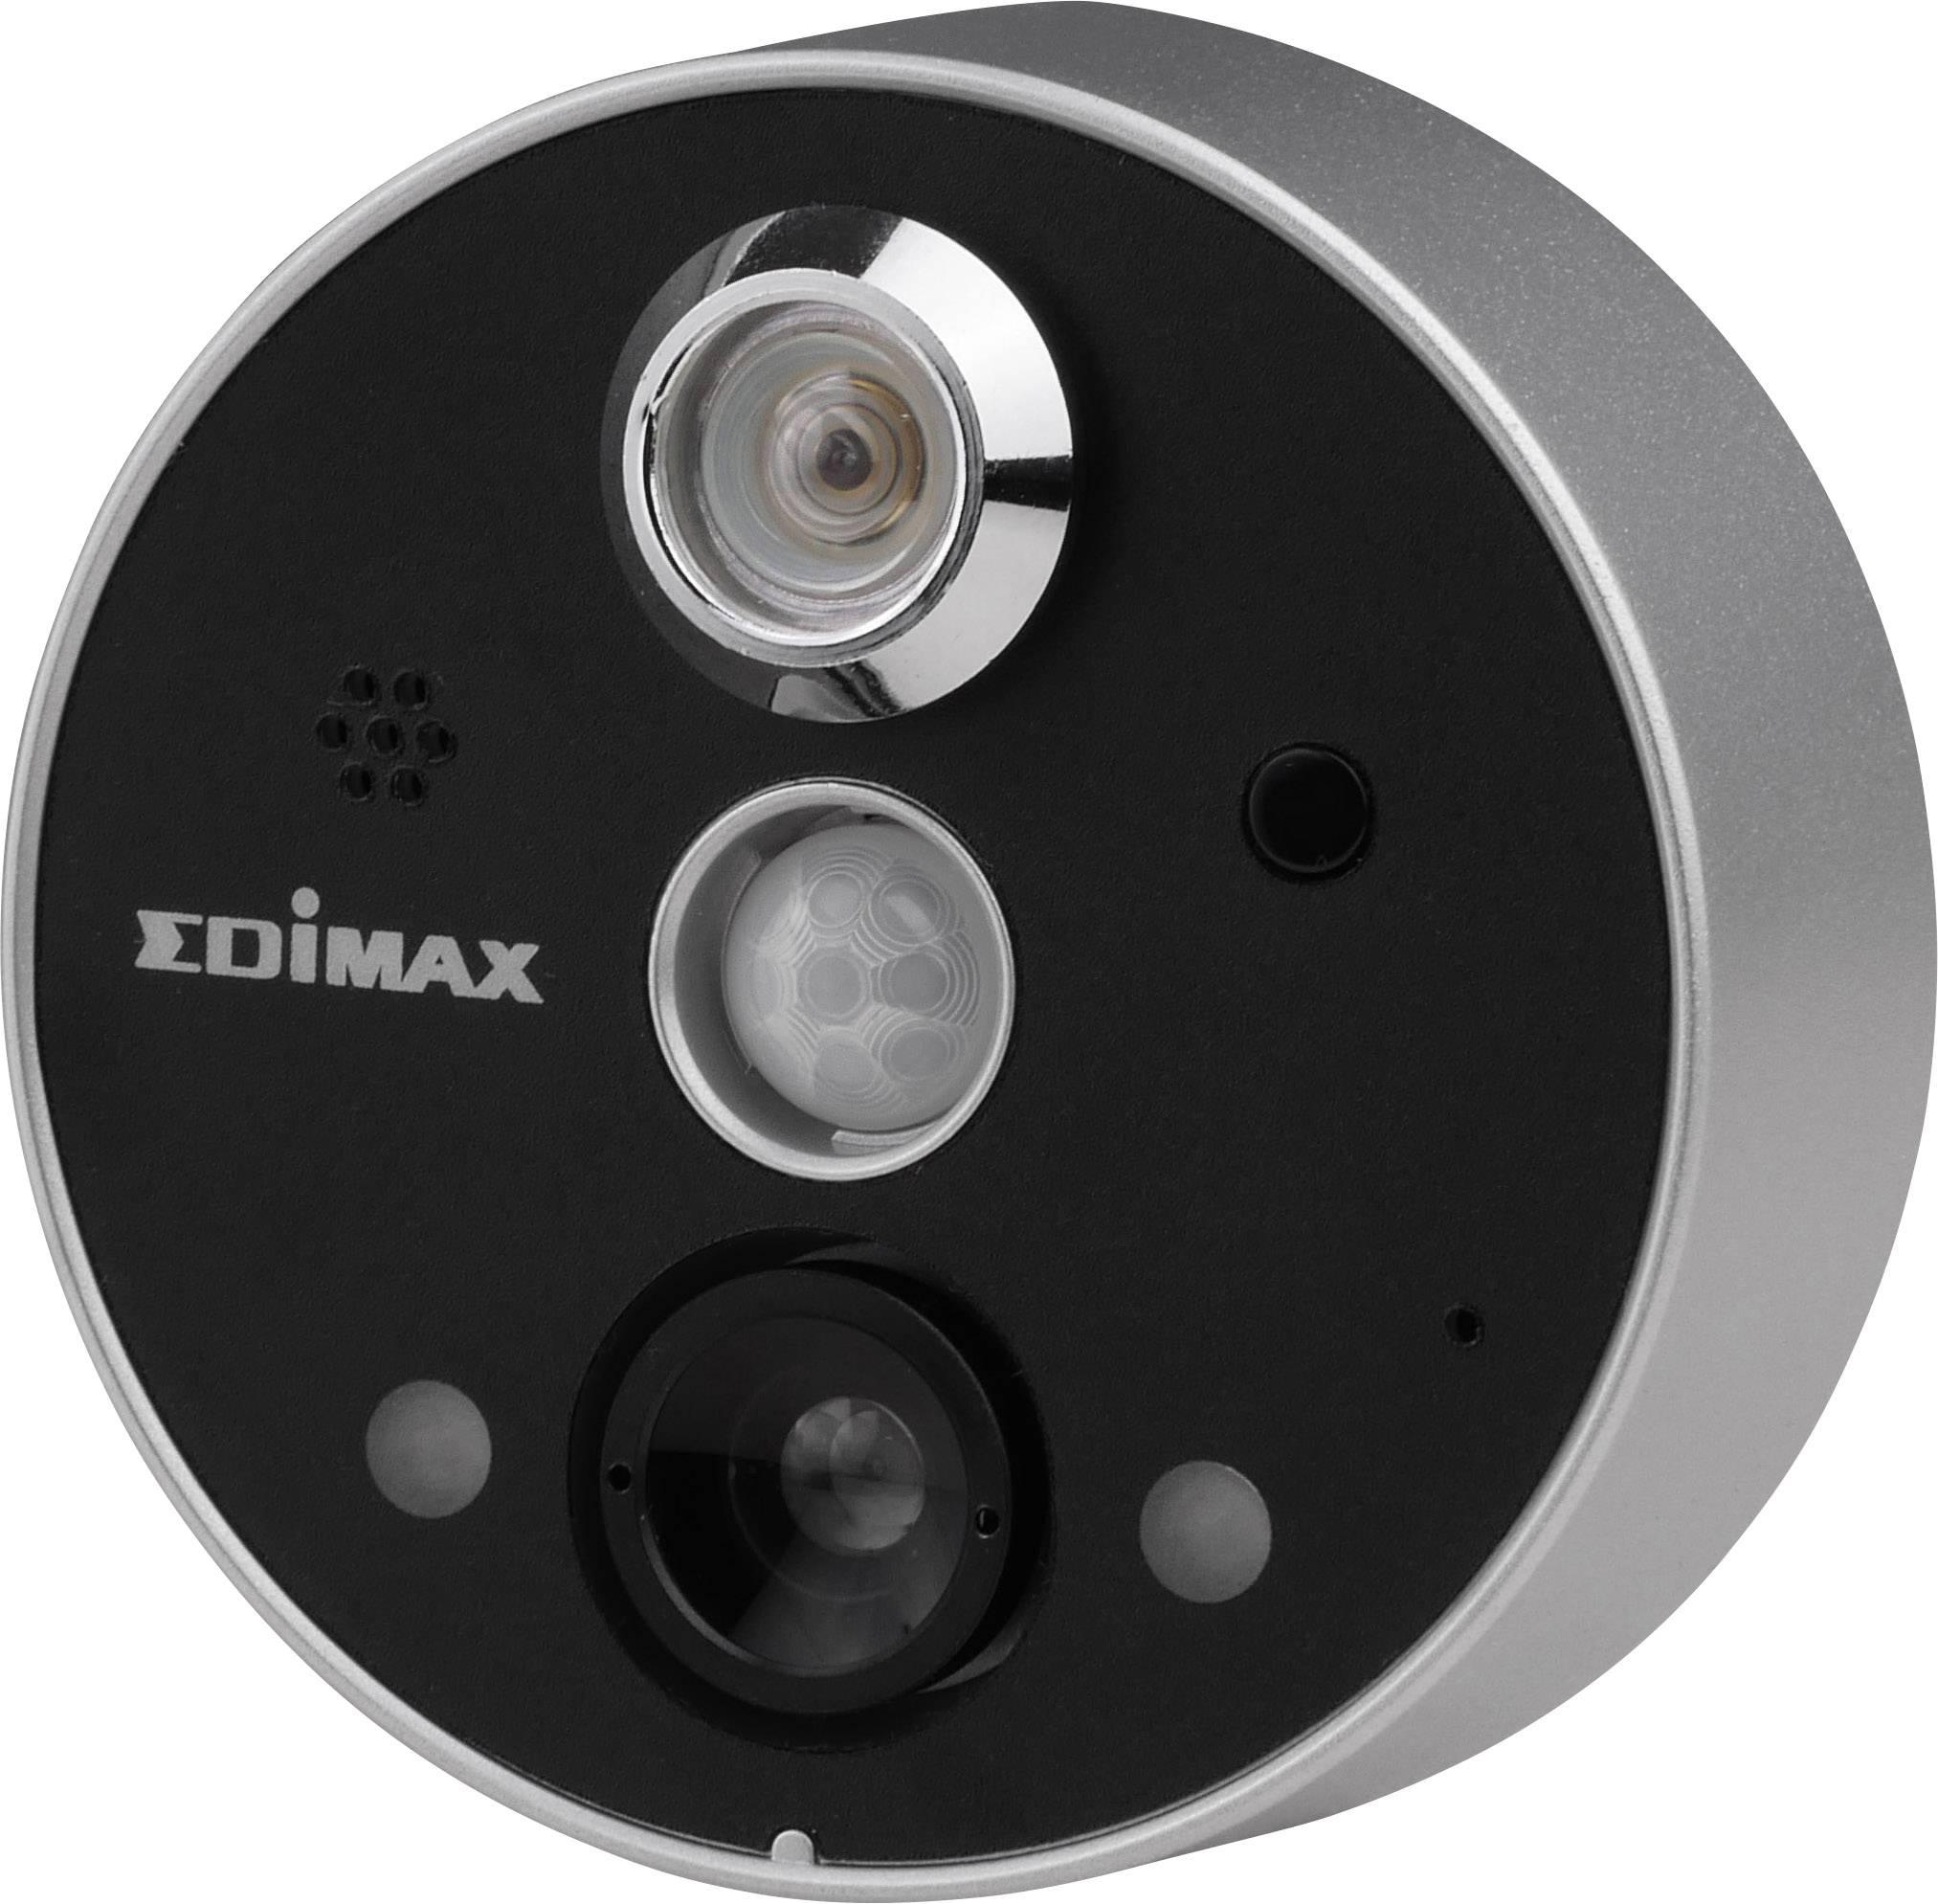 Door spy hole EDIMAX IC-6220DC EasySec  sc 1 st  Conrad Electronic UK & Door spy hole EDIMAX IC-6220DC EasySec from Conrad Electronic UK